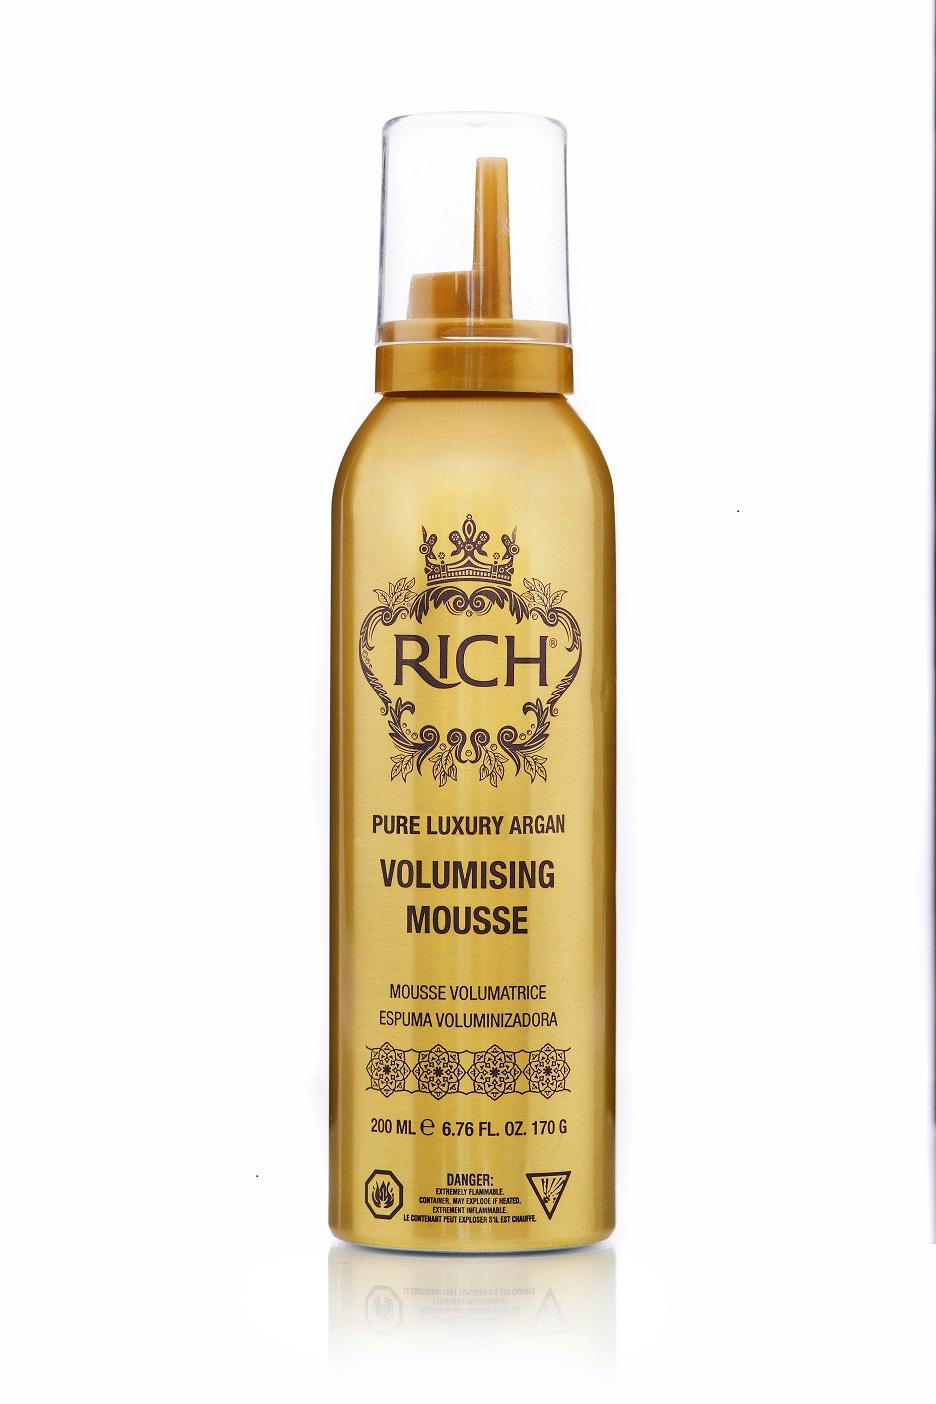 Rich Мусс для укладки на основе арганового масла, 200млMP59.4DМусс добавляет существенный объем волосам от самых корней и создает ощущение великолепной копны волос. Входящее в состав мусса аргановое масло питает и смягчает волосы, делает их гладкими, блестящими и легкими. Даже кудрявые, жесткие и капризные волосы становятся послушными при создании формы - гибкими, струящимися и полными сил. Мусс защитит ваши волосы и сохранит цвет от воздействия высоких температур при укладке феном, щипцами и при пользовании термо бигуди.